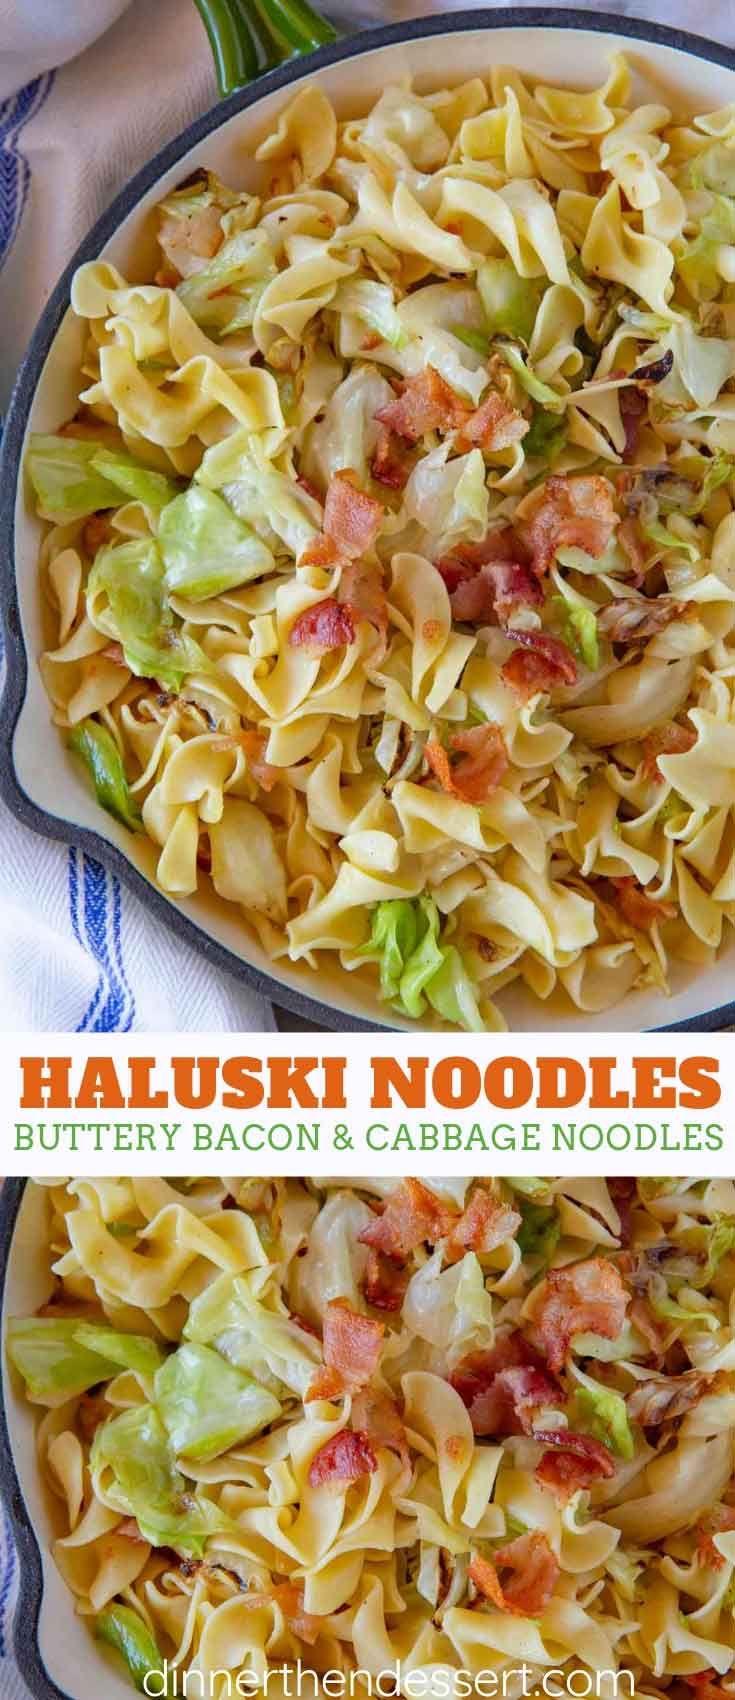 Haluski Noodles - Dinner, then Dessert #comfortfoods